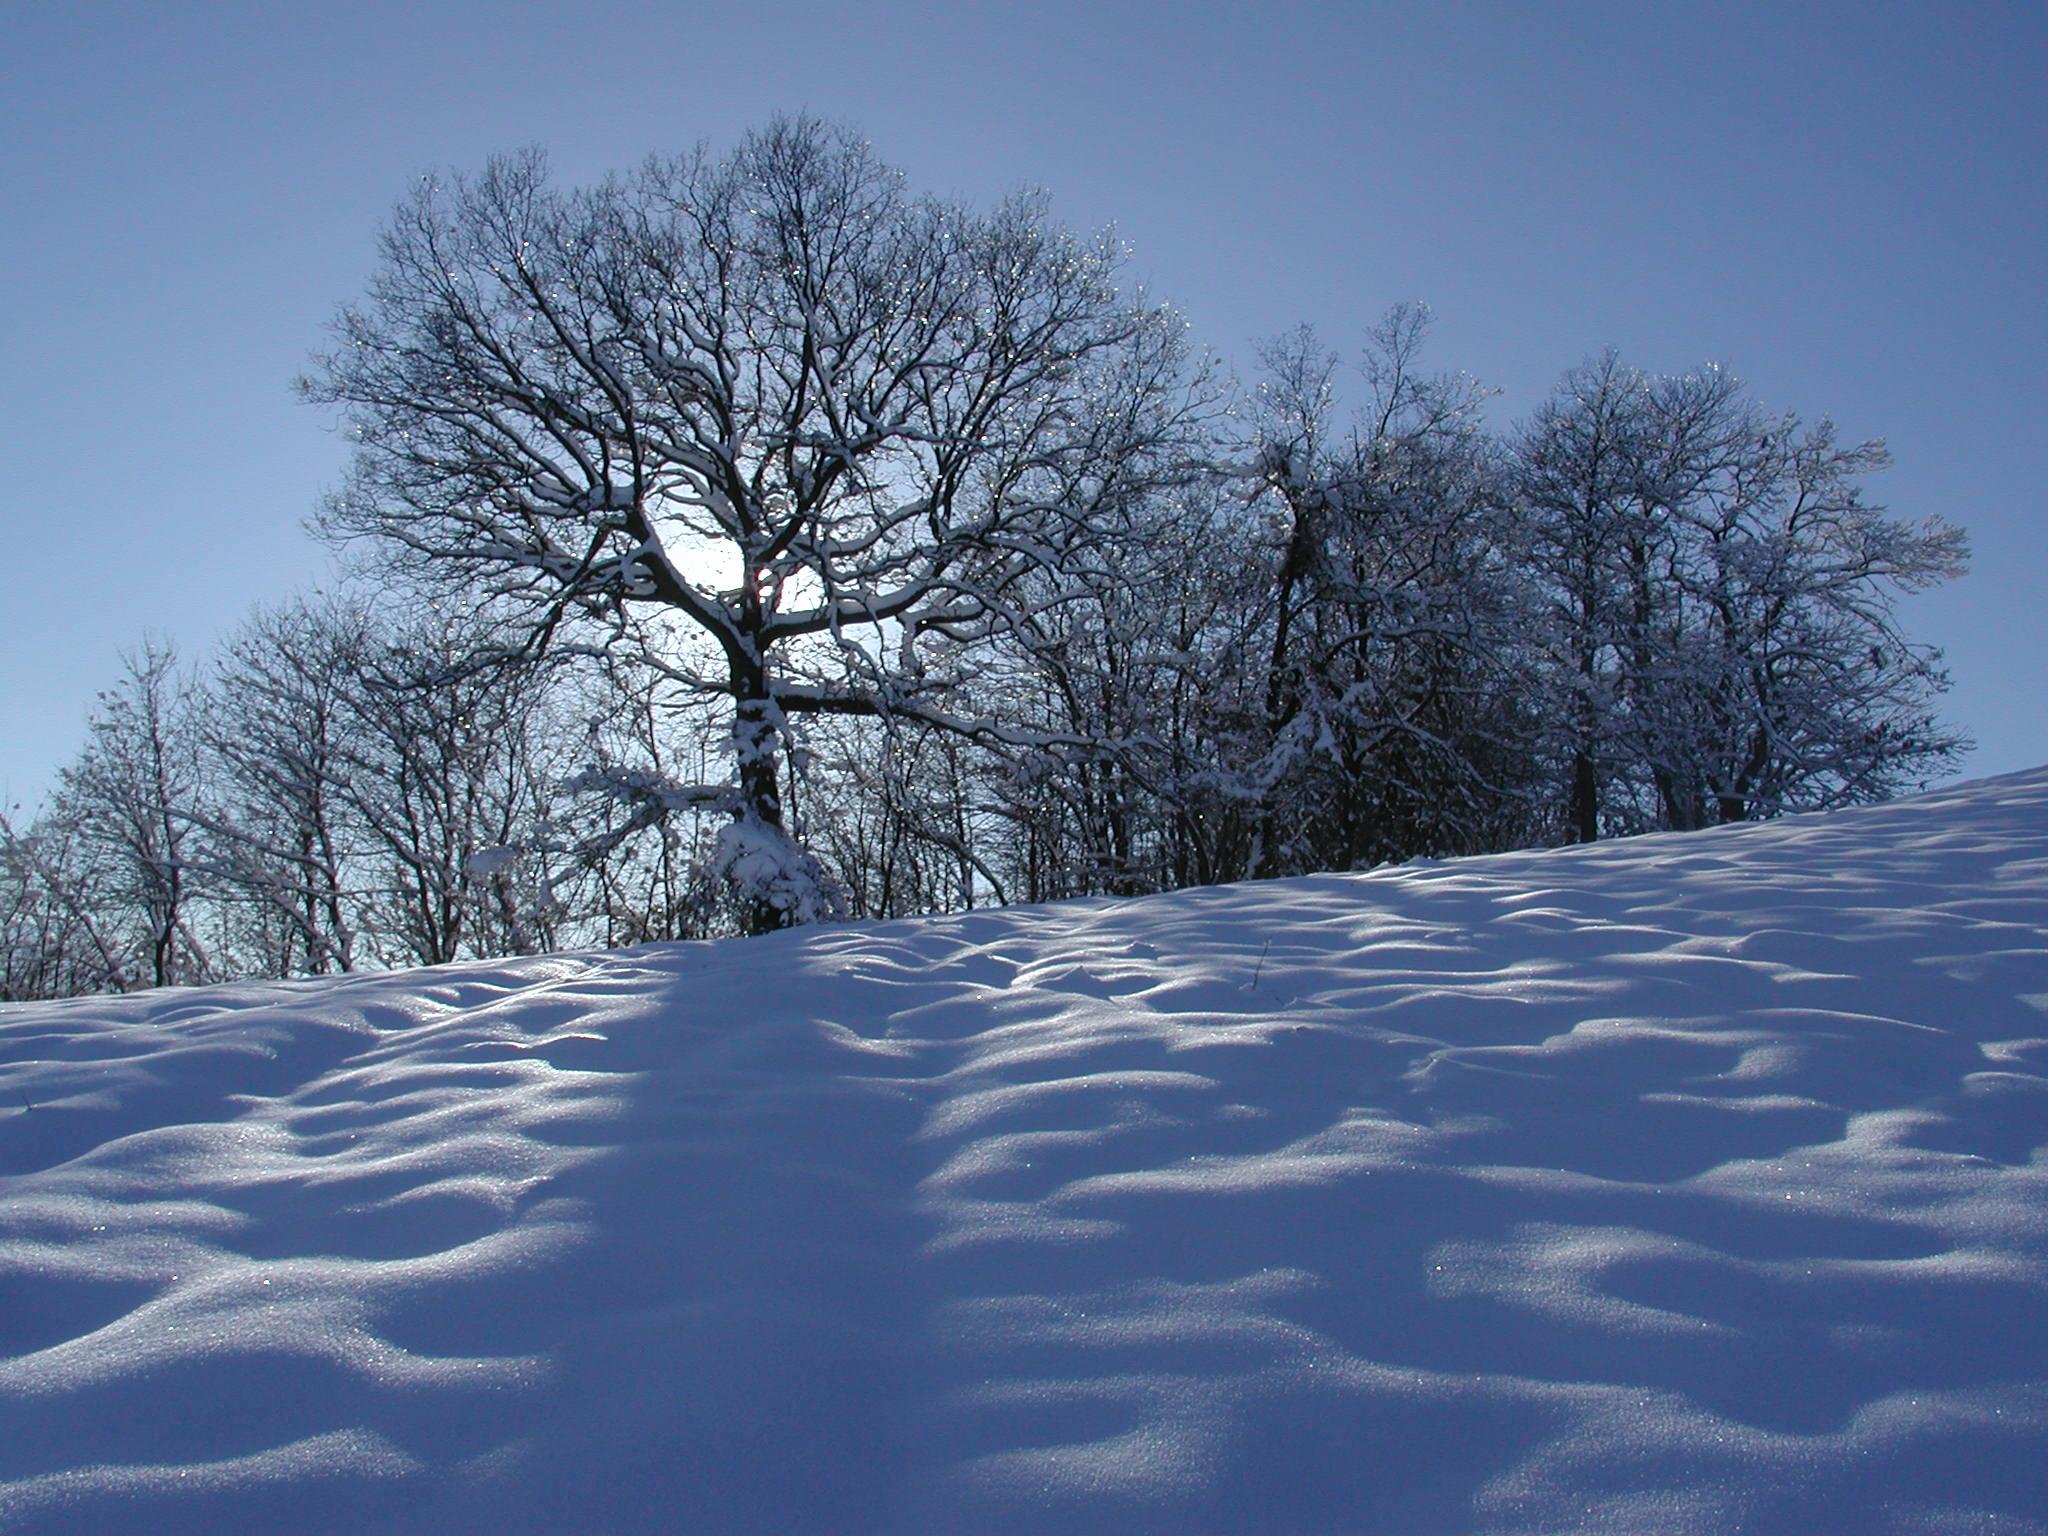 15. Paisaje invernal en los Apeninos regianos. Autor, Paolo di Reggio